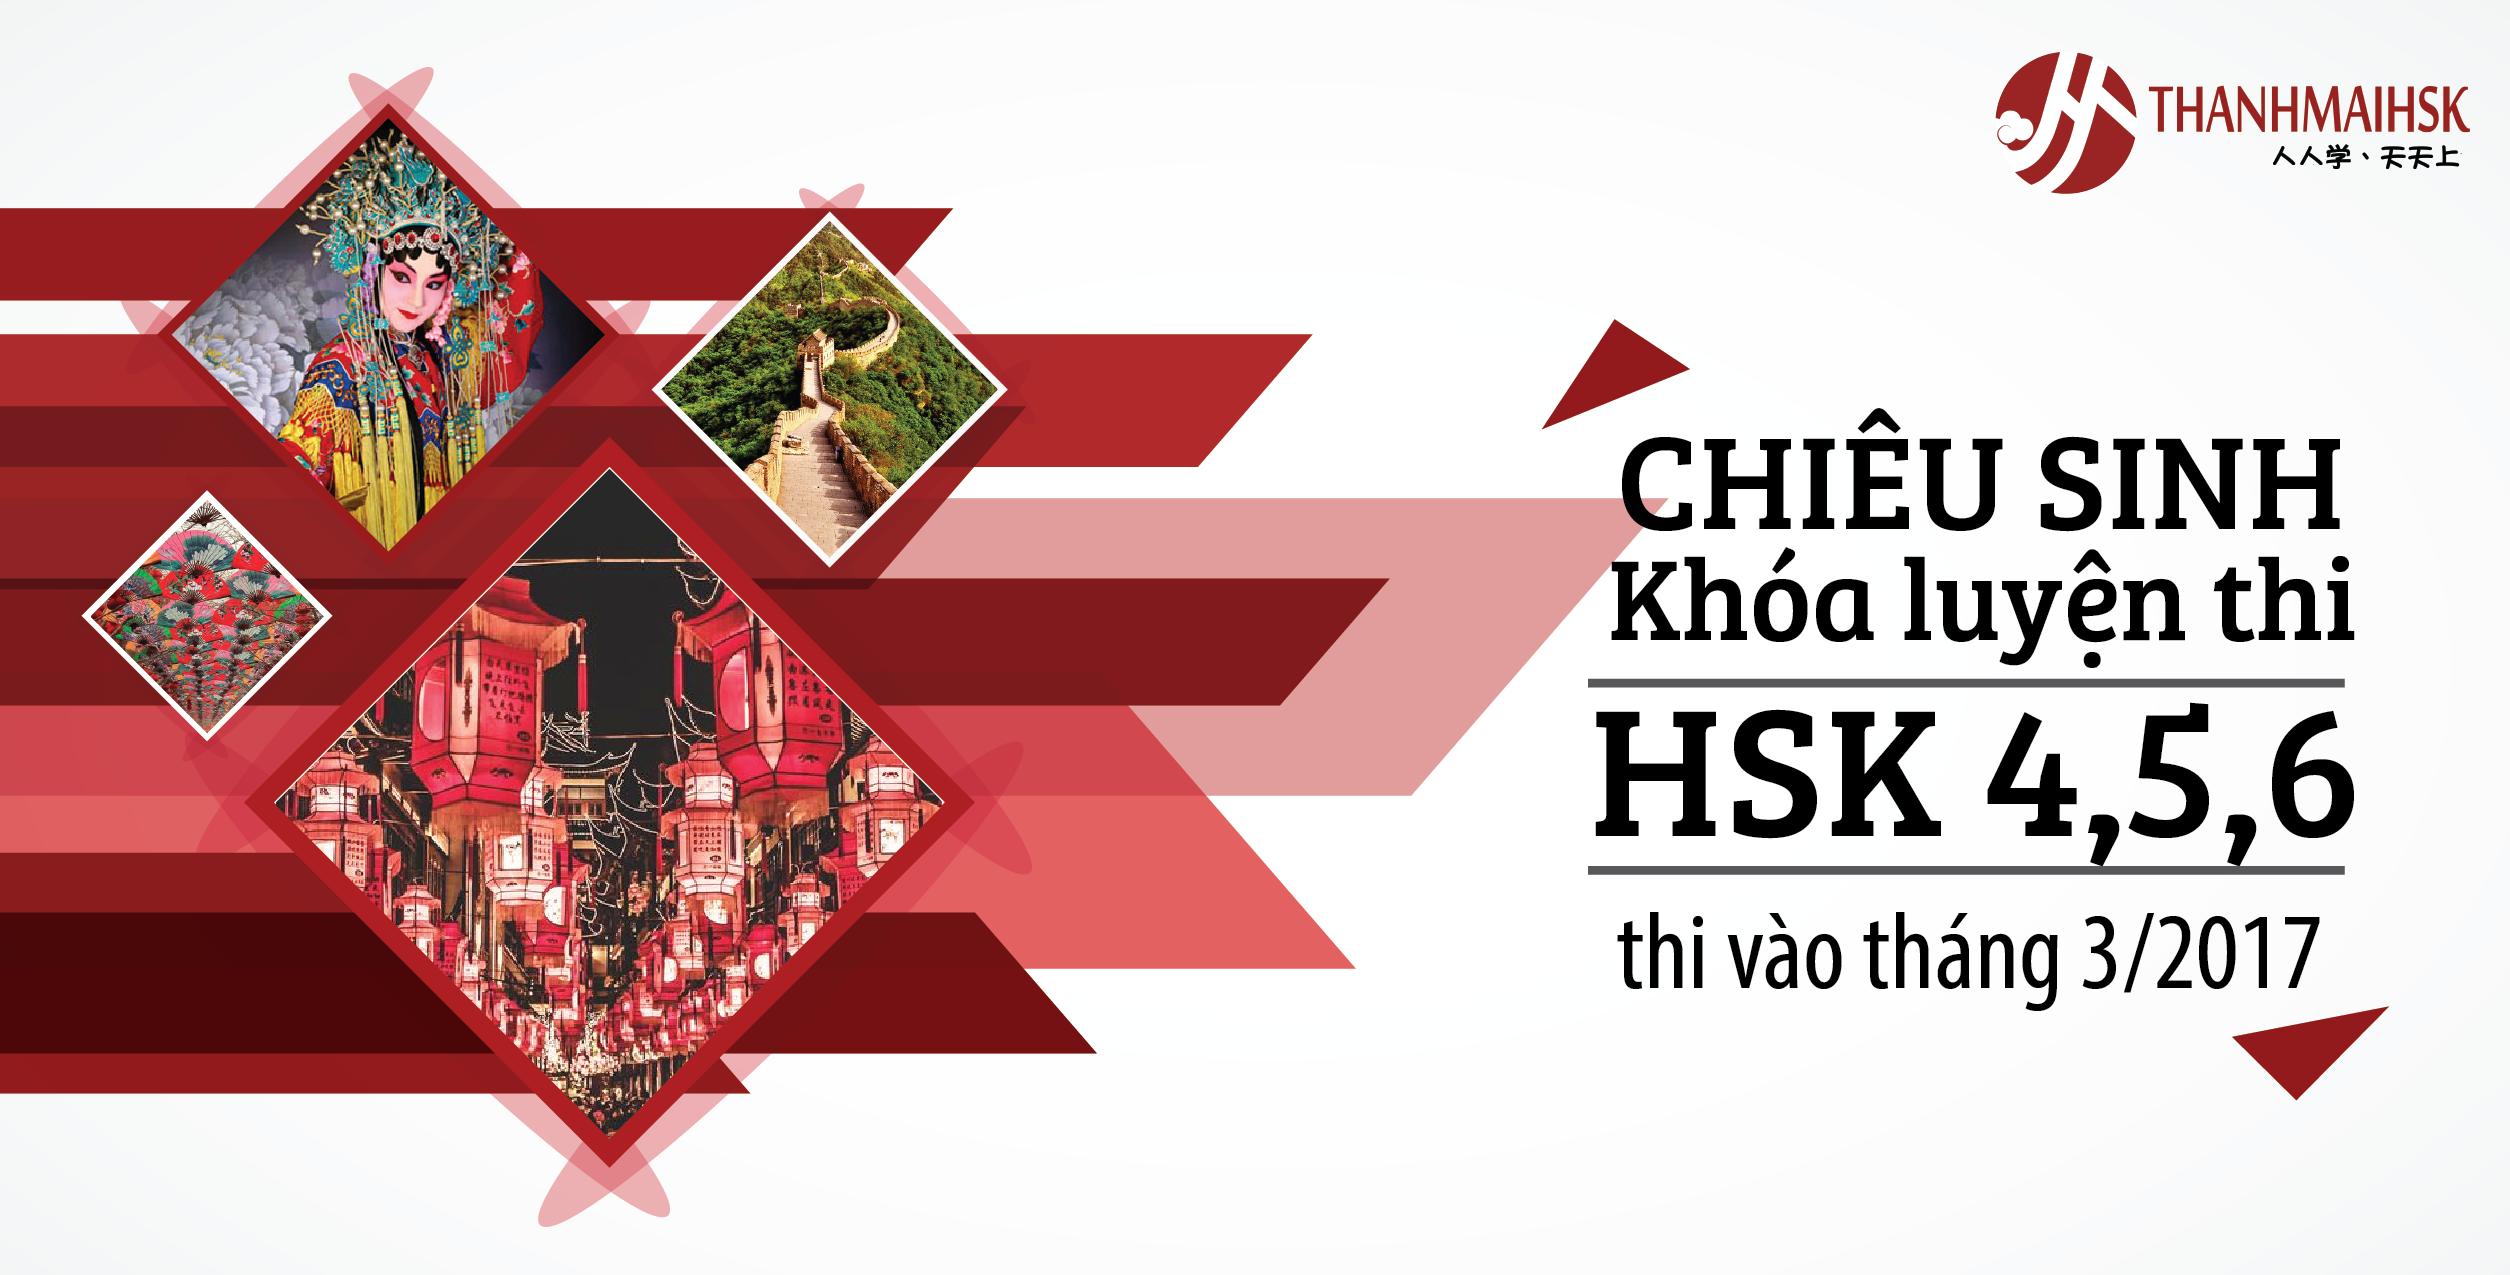 Khóa luyện thi HSK 4,5,6 điểm cao (Thi đợt đầu năm 2017 tại Hà Nội/ Thái Nguyên)